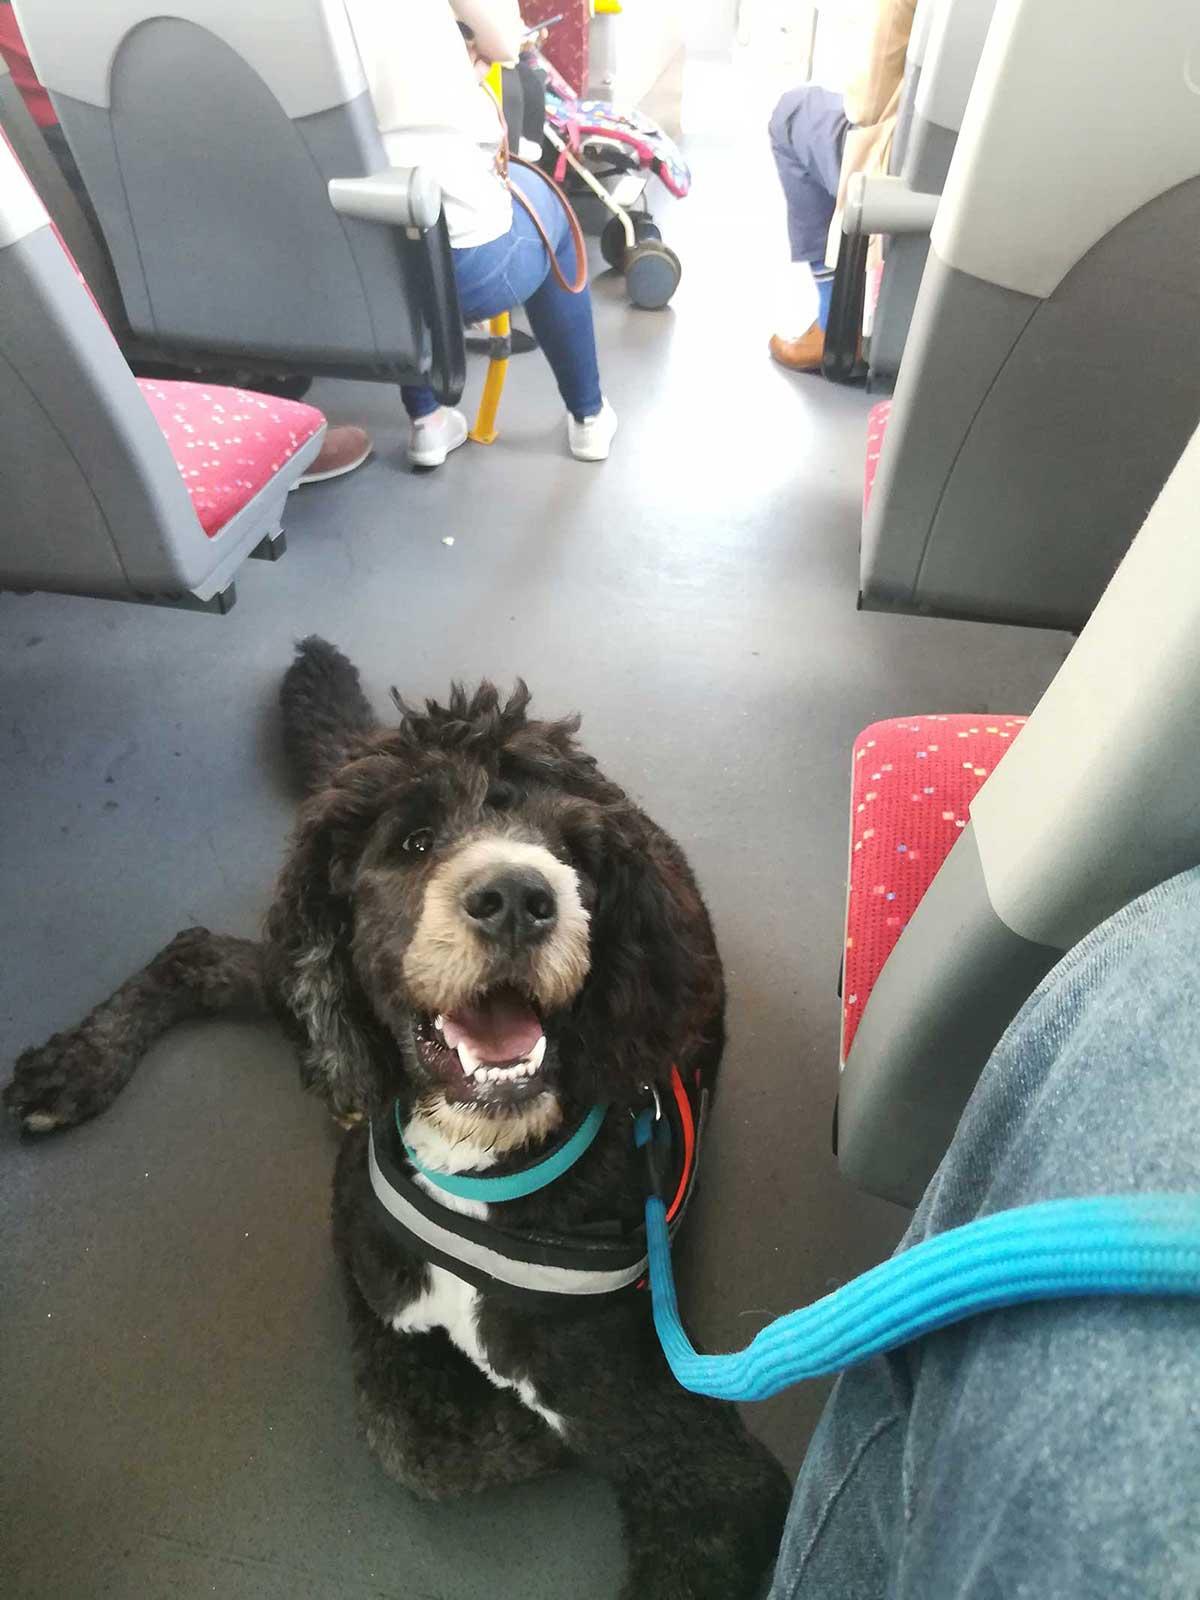 Σκύλος βοηθός στο λεωφορείο